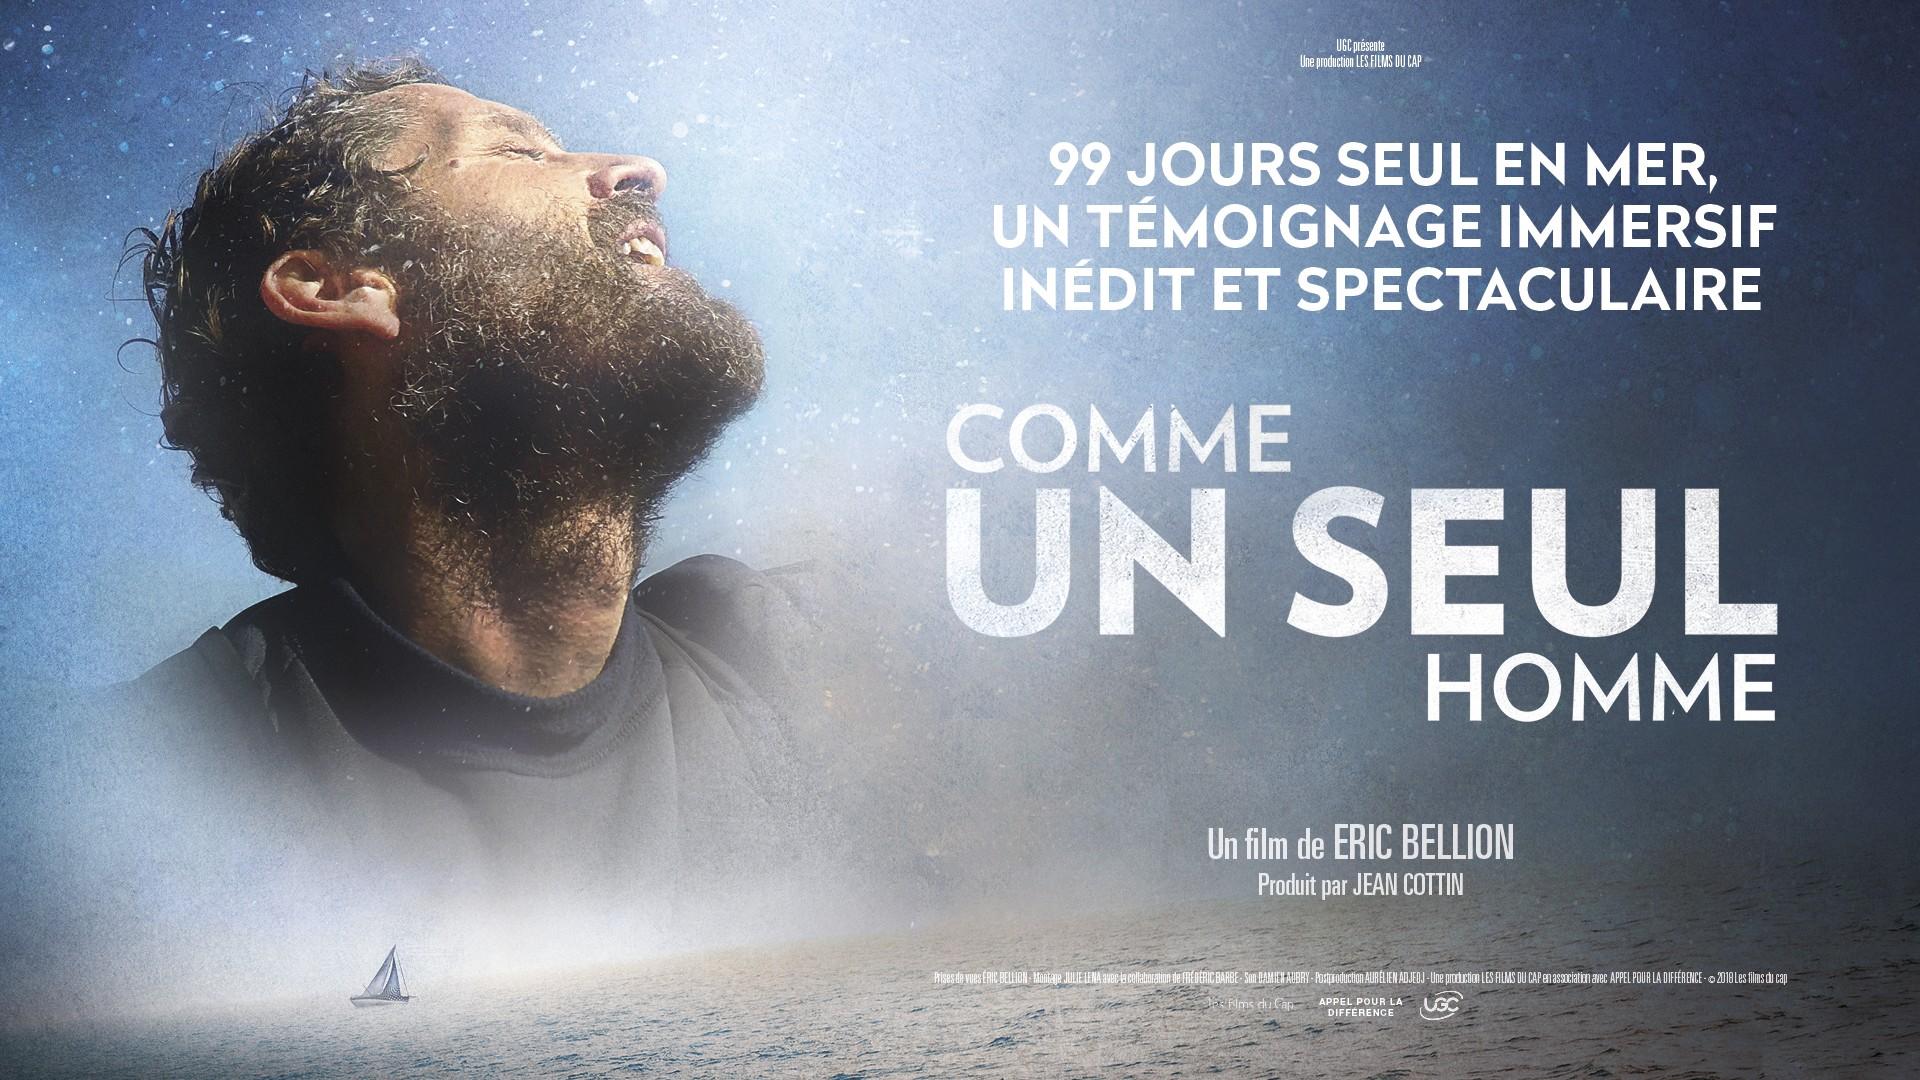 Film – Comme un seul homme (2019) Eric Bellion